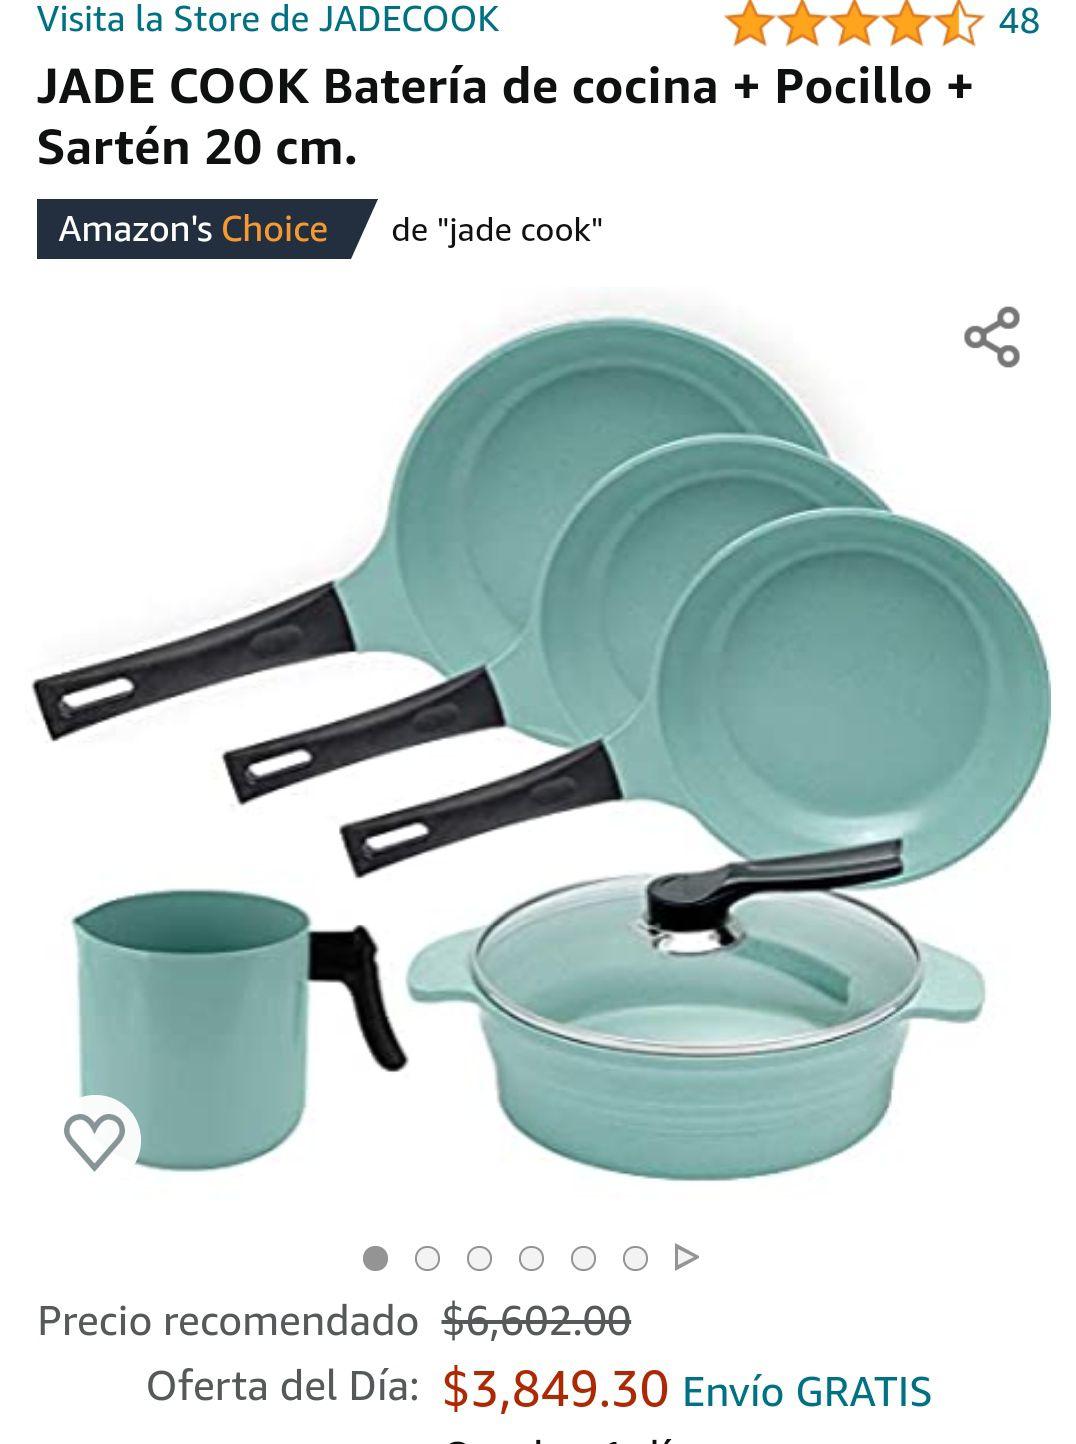 Amazon: JADE COOK Batería de cocina + Pocillo + Sartén 20 cm (OFERTA DEL DIA) PRECIO MAS BAJO EN AMAZON